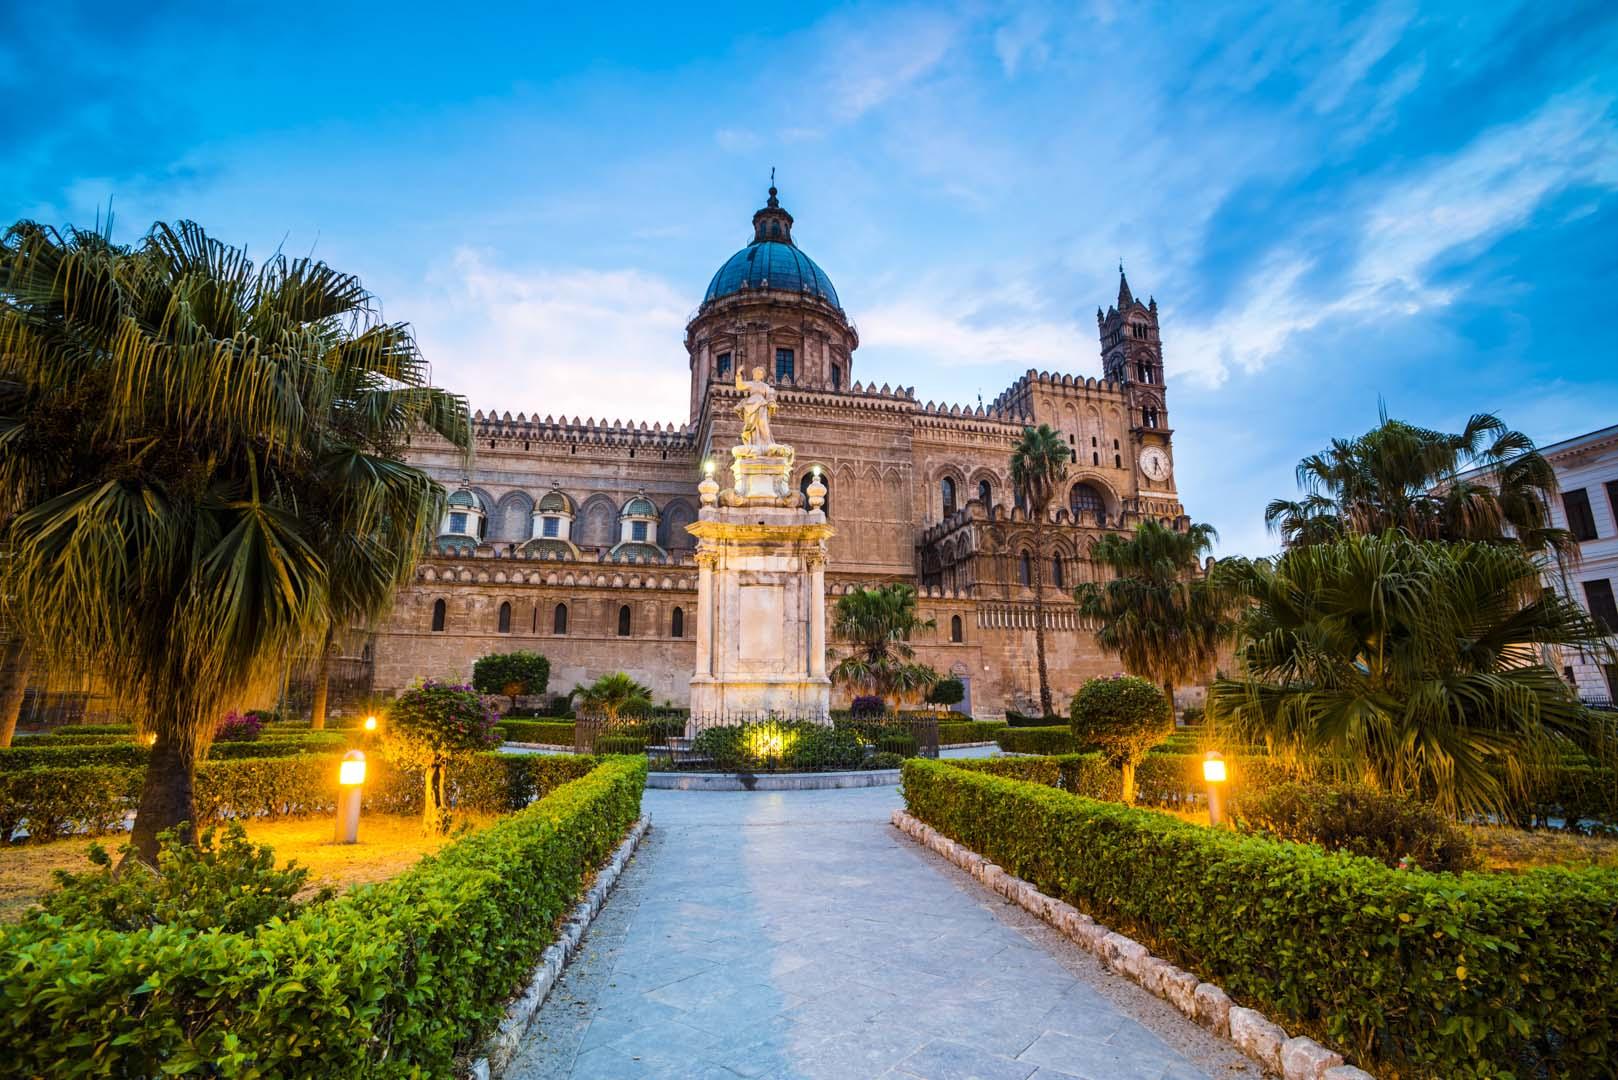 Сицилия: достопримечательности итальянского острова